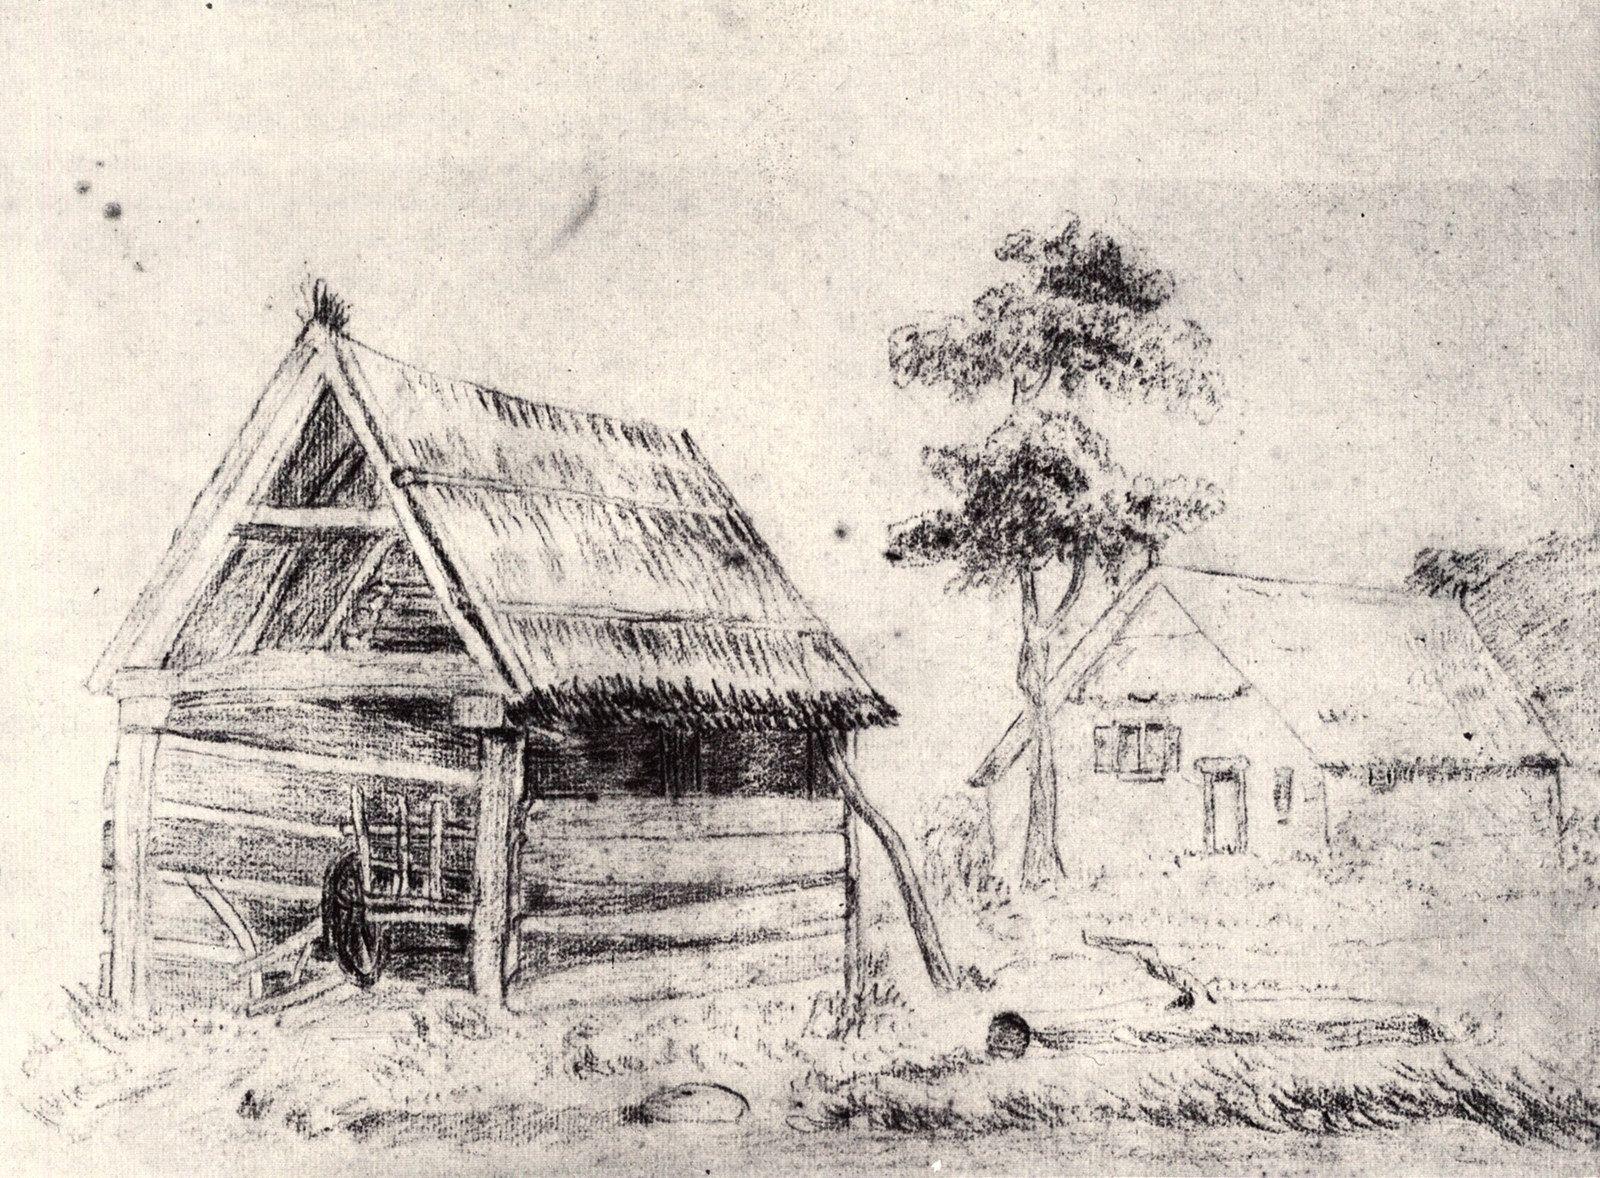 Barn and Farmhouse в 2020 г. Винсент ван гог, Художники